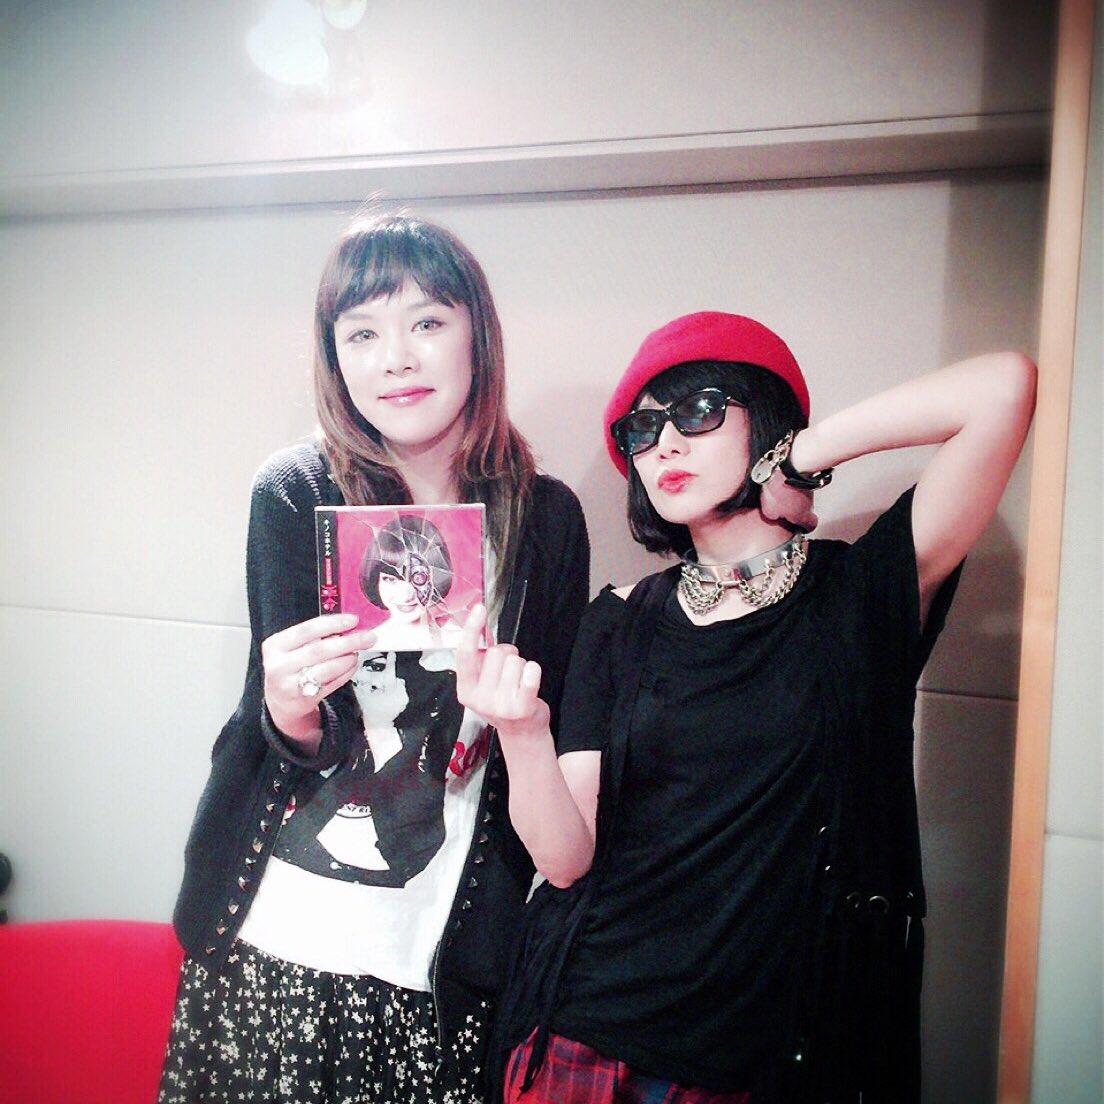 矢沢洋子ちゃんのラジオ番組でお喋りして来たわ。31日、FM NACK5で22時半からオンエアですので…